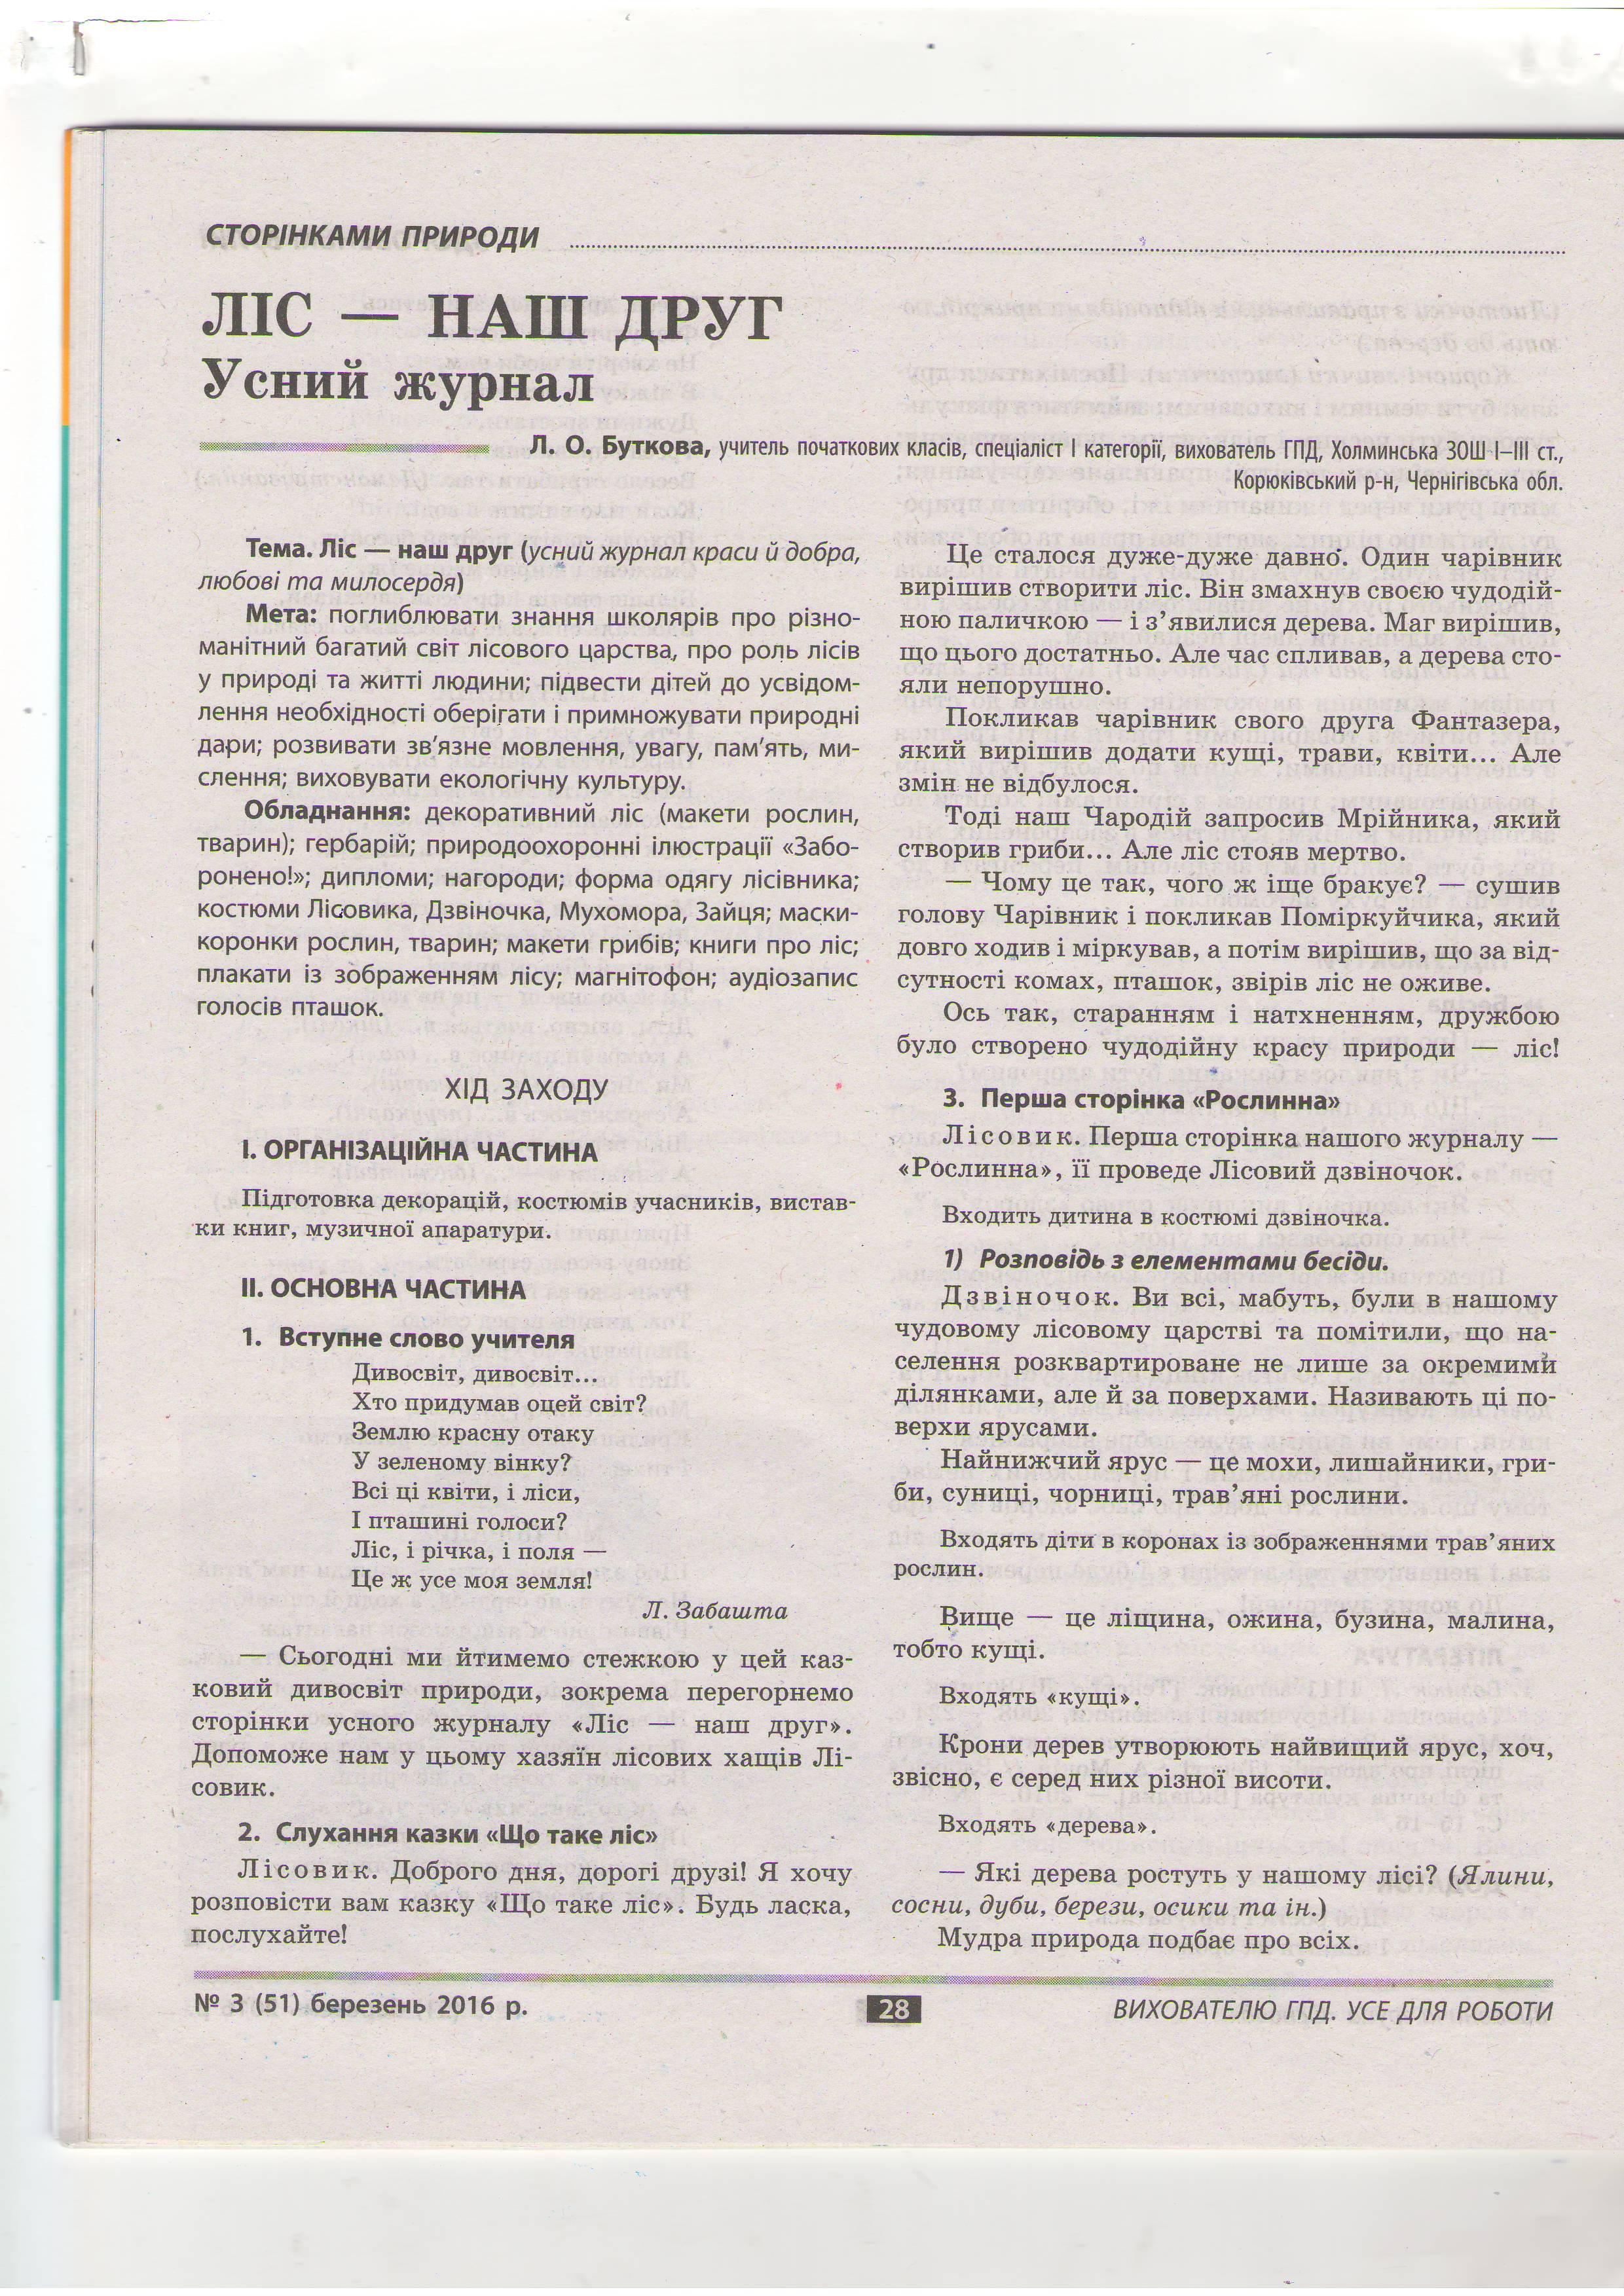 """Видавнича група """"Основа"""", Ж-л """"Вихователю ГПД"""" , №3, березень 2016 р., с.28-32"""